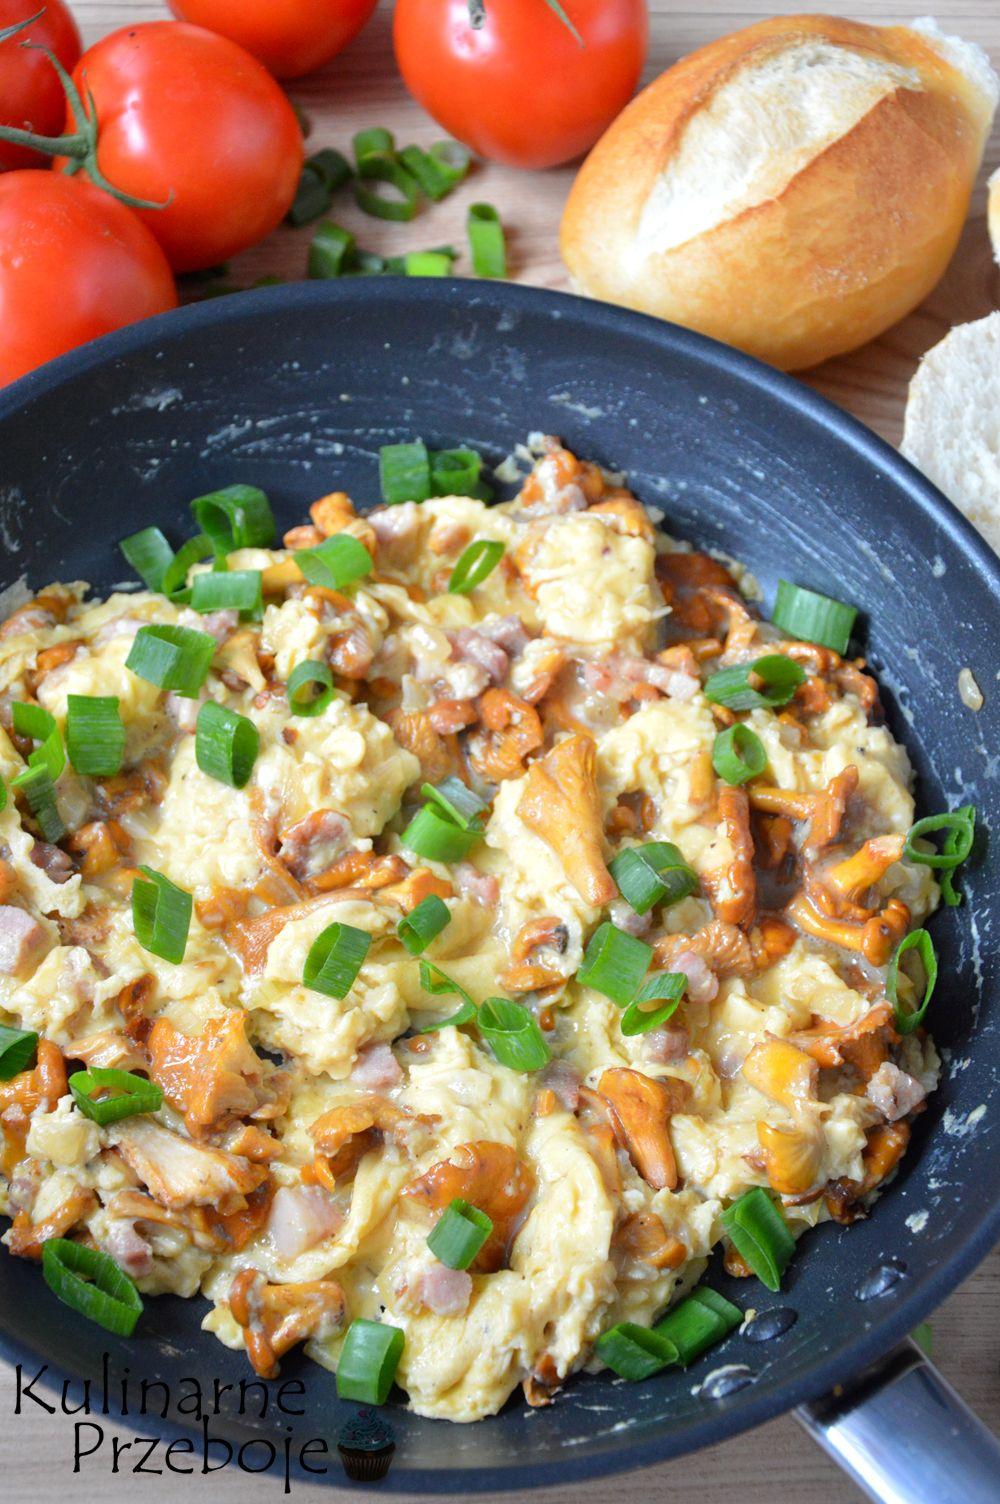 Salatka Z Makaronem Chinskim Kurczakiem I Ananasem To Pyszna